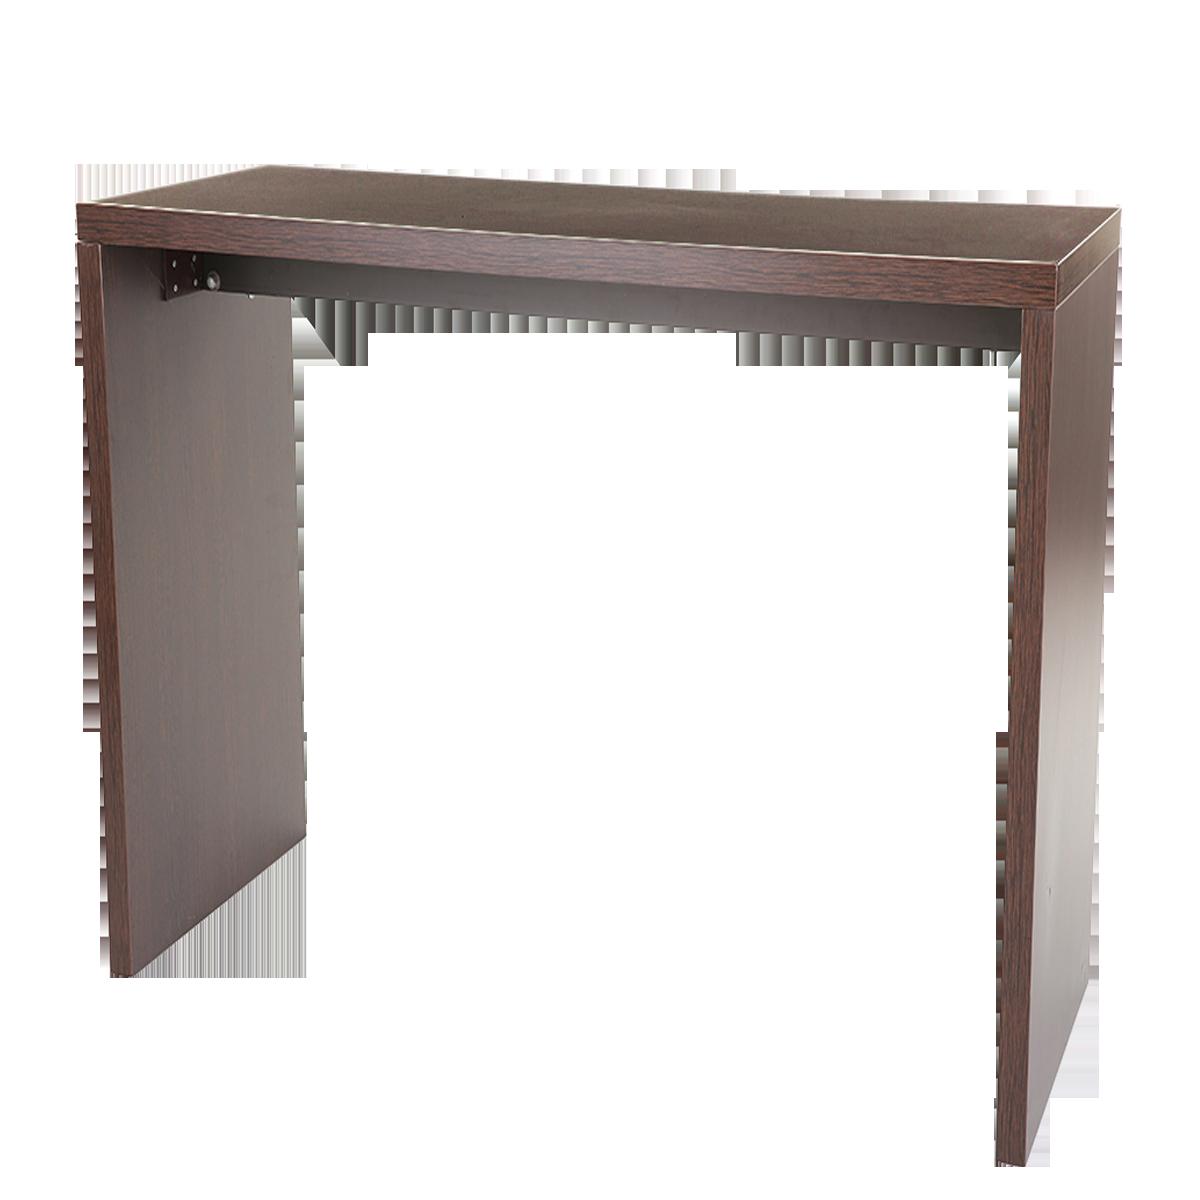 dieeventausstatter Brückenstehtisch braun 180x70 cm